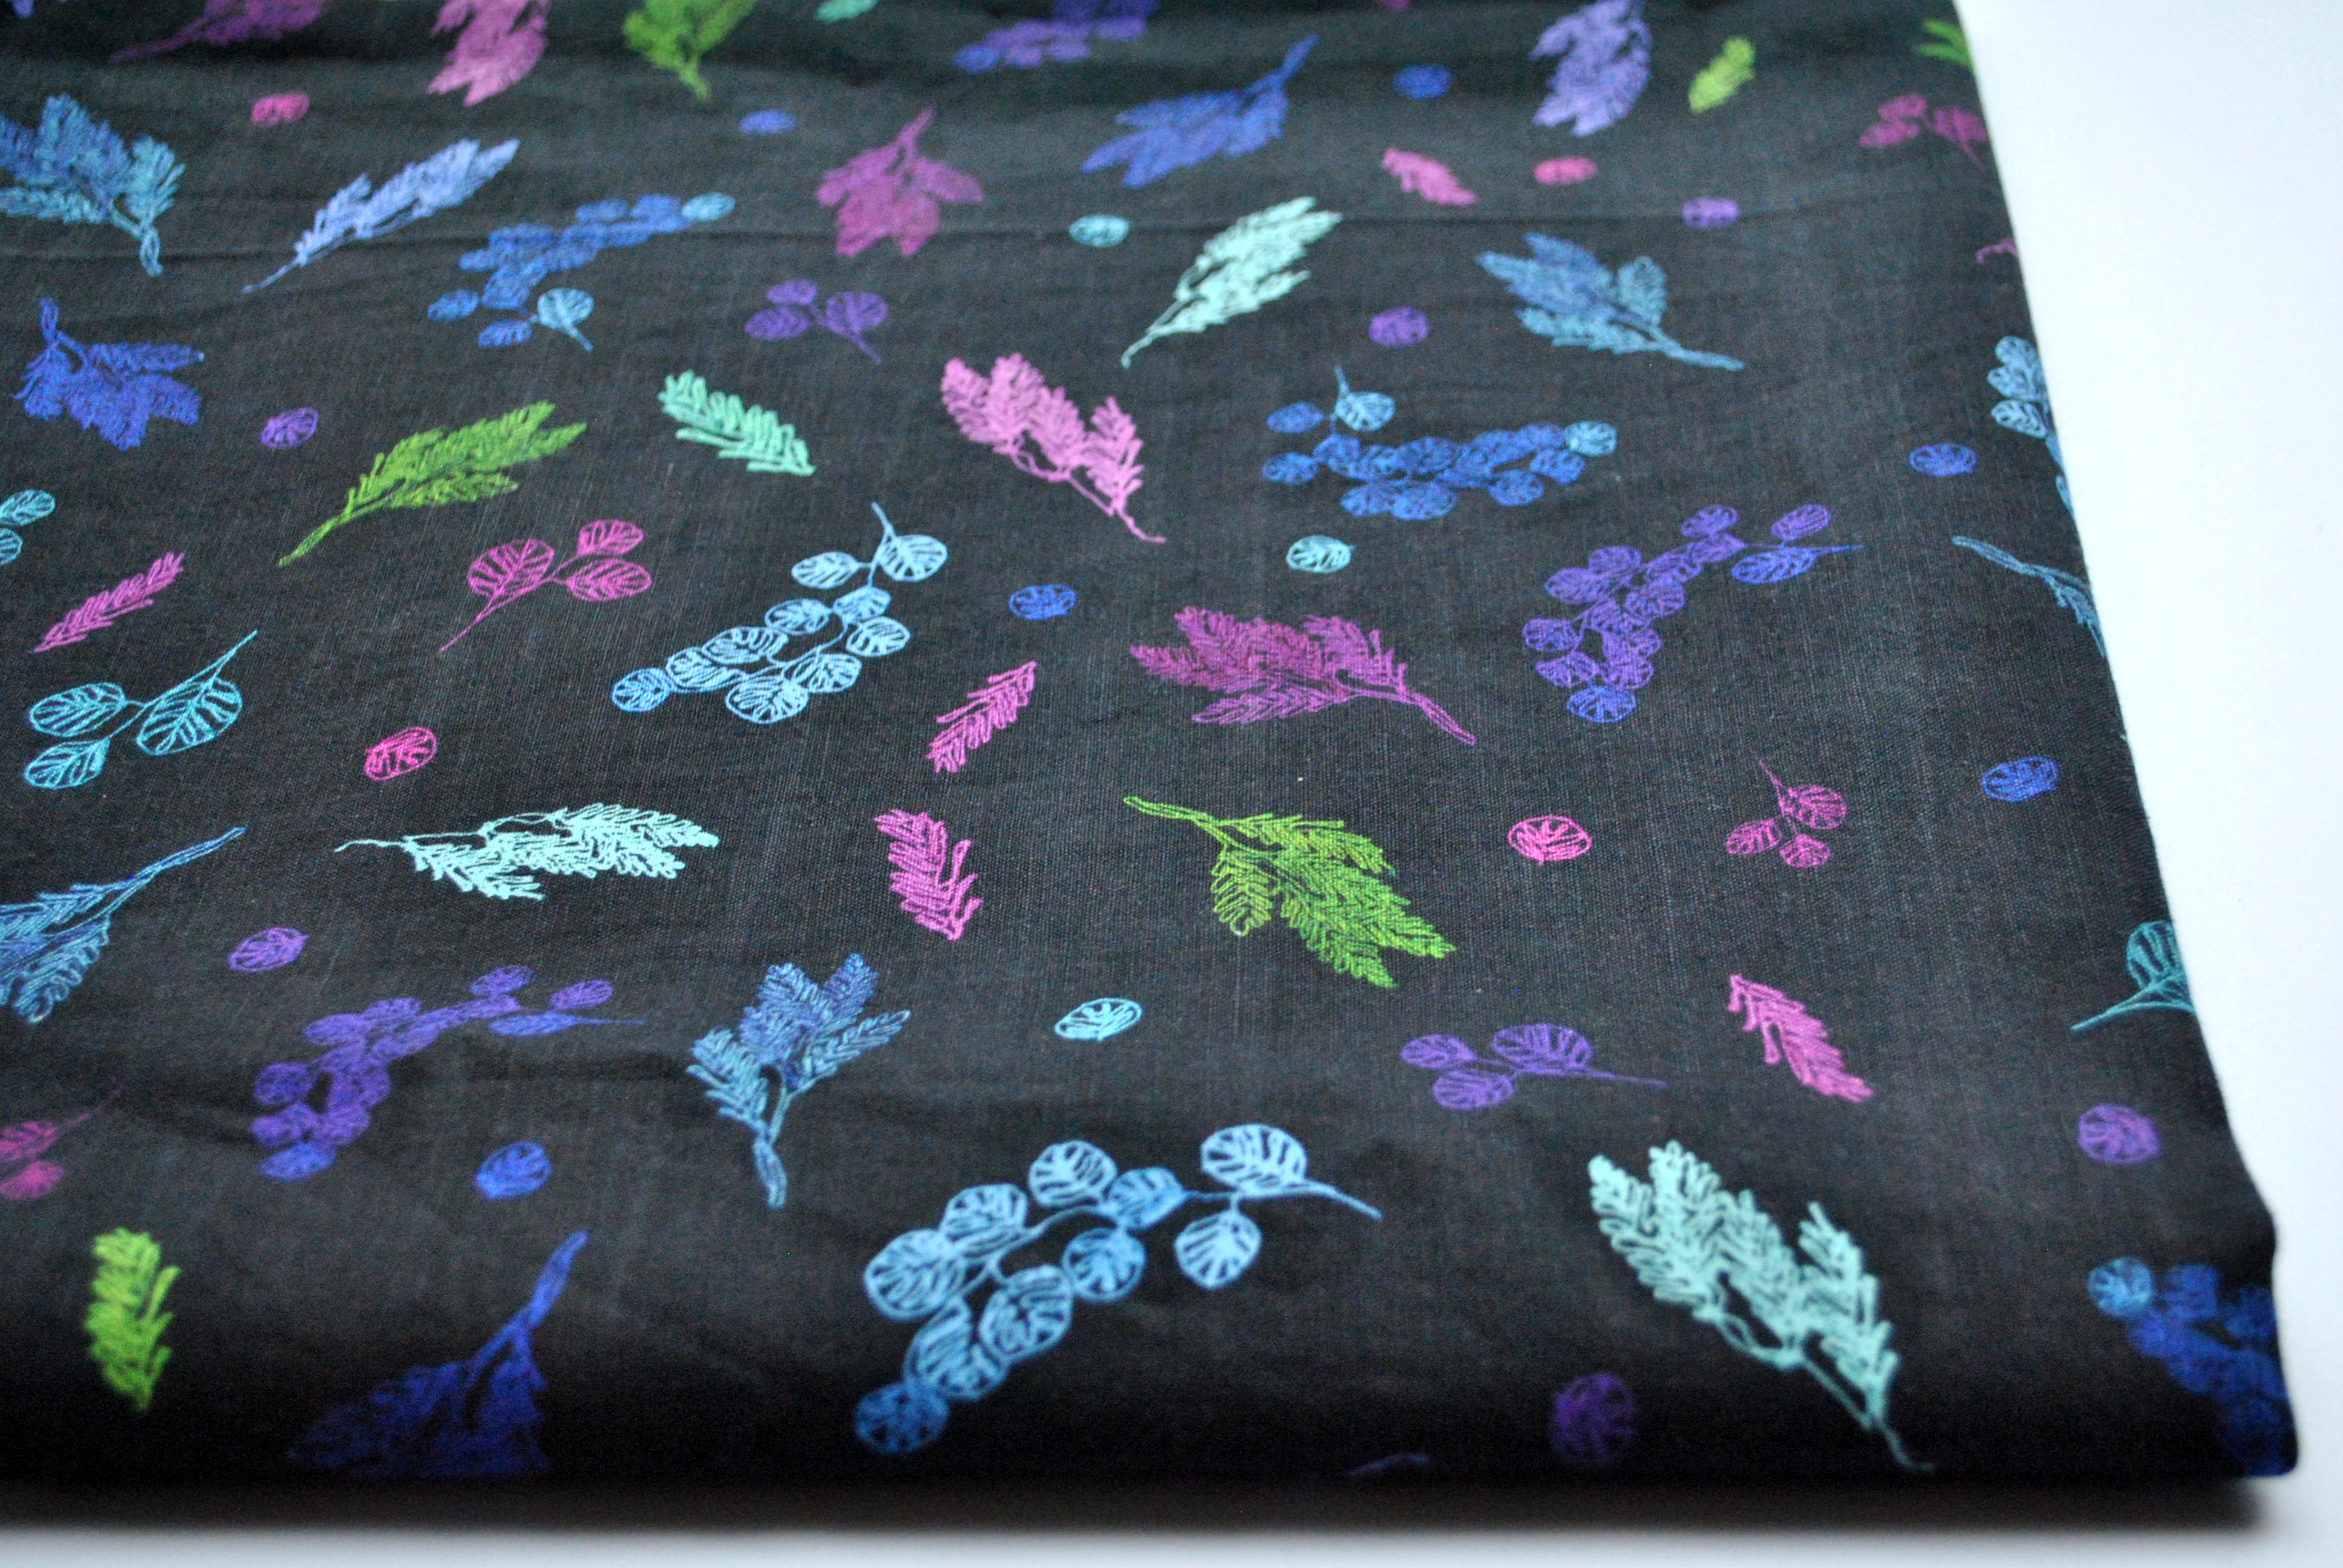 Small Bright Branches: Linen Cotton Fabric